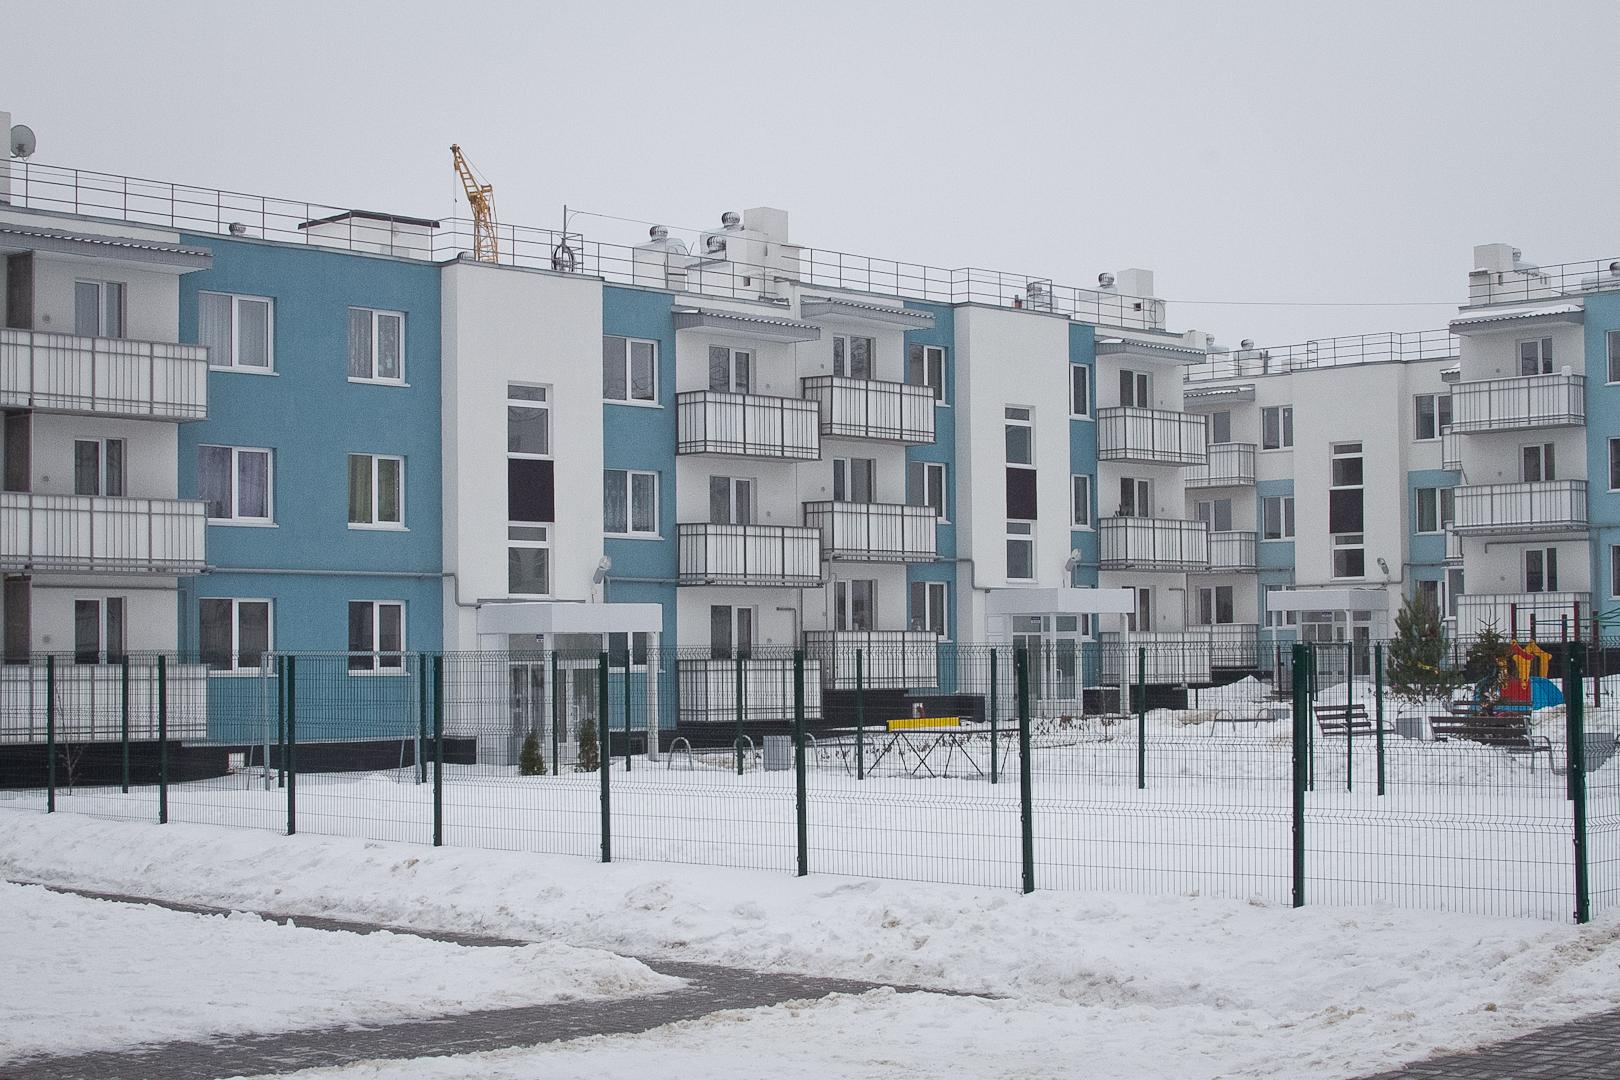 Волгоградская область получит 570 млн руб. наразвитие жилкомплексов